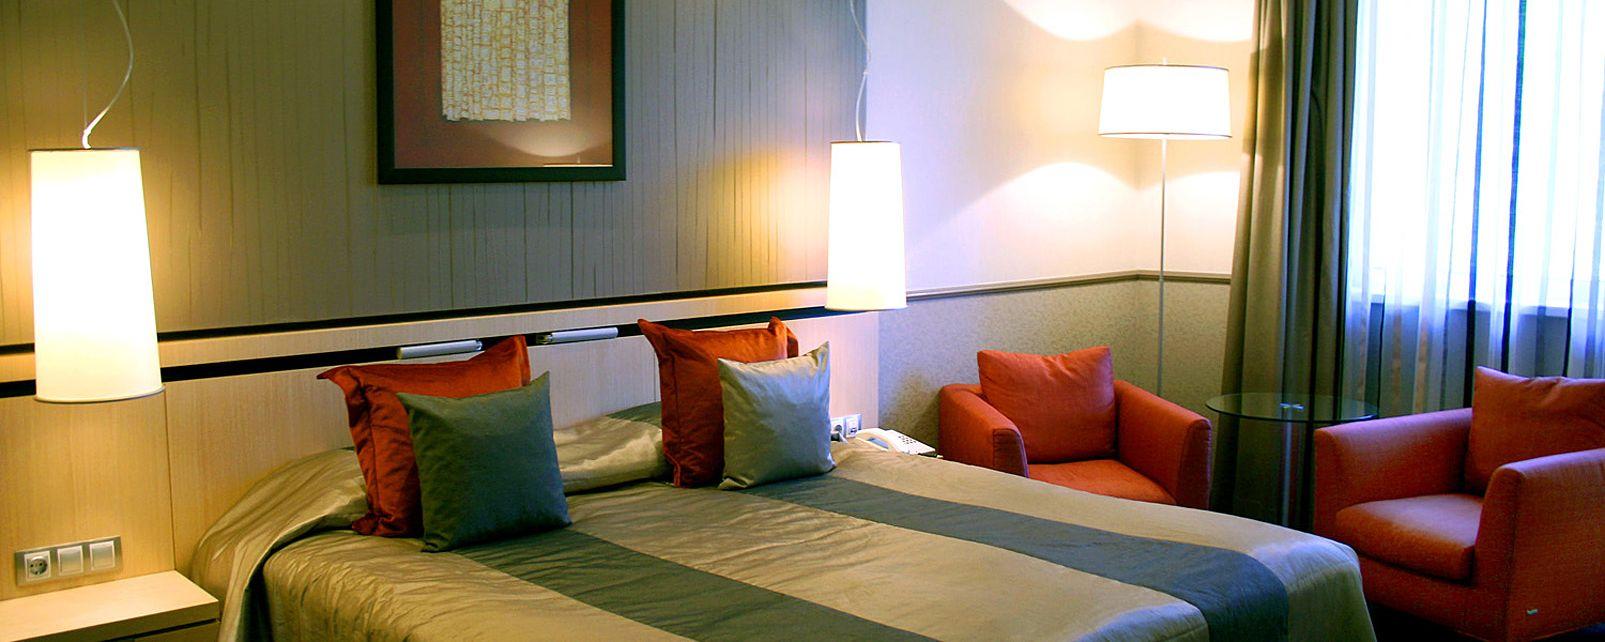 Hotel Andrassy